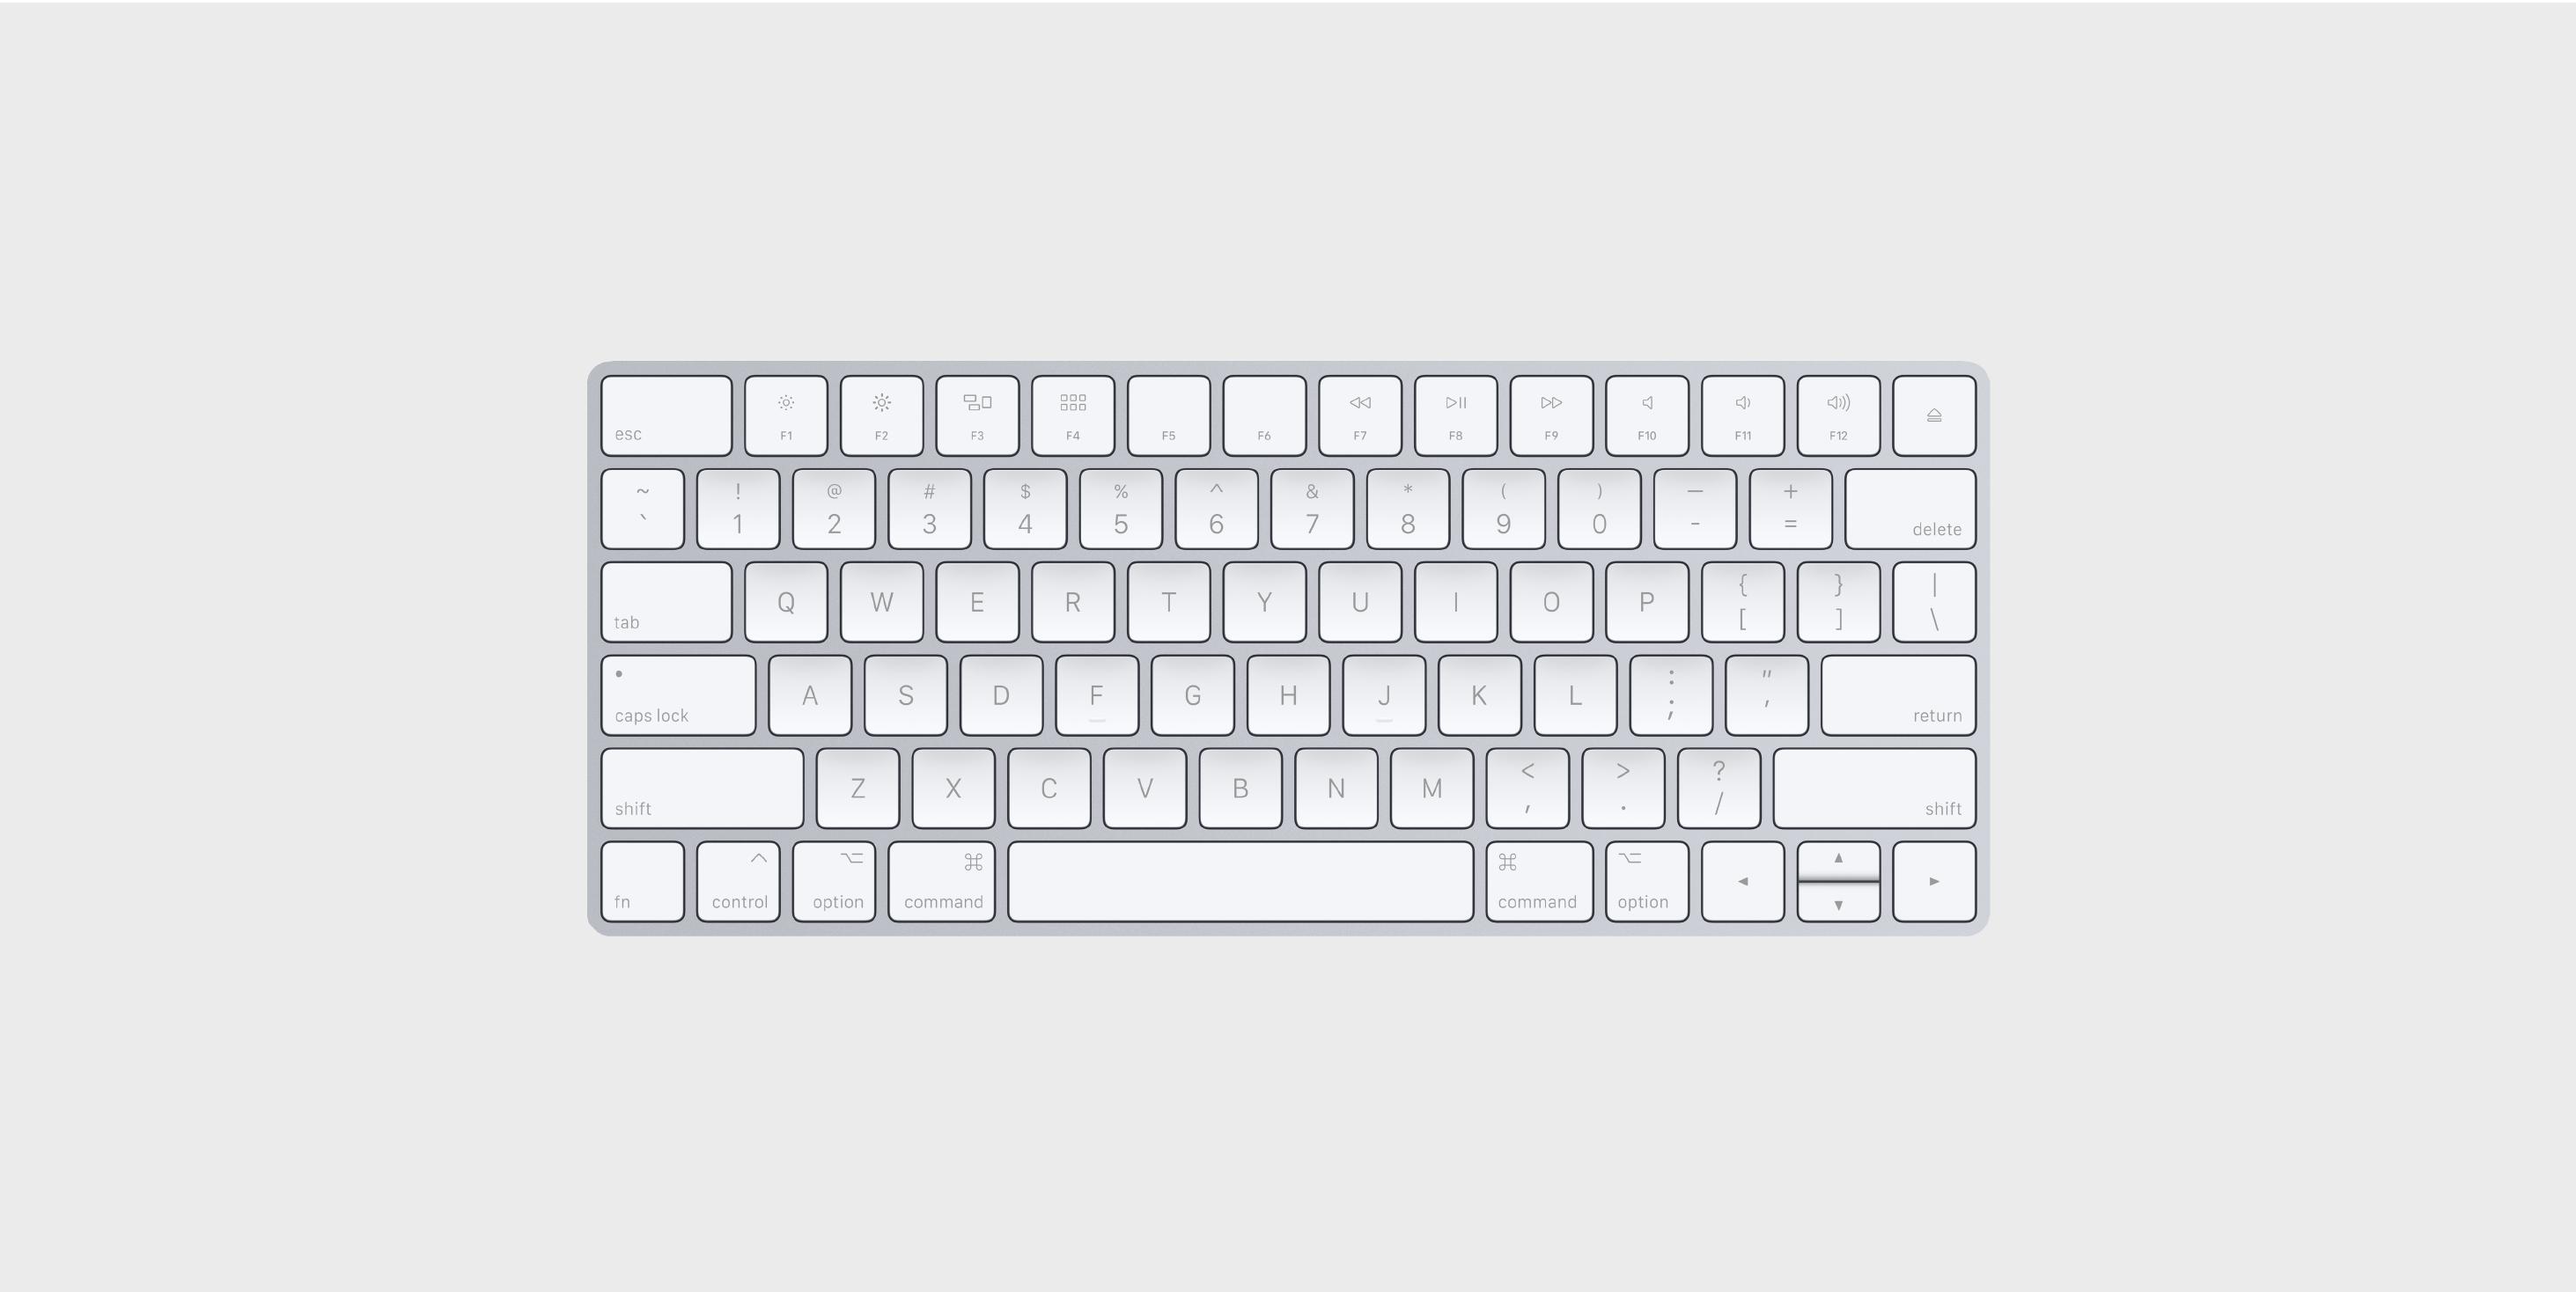 لوحات مفاتيح وماوس